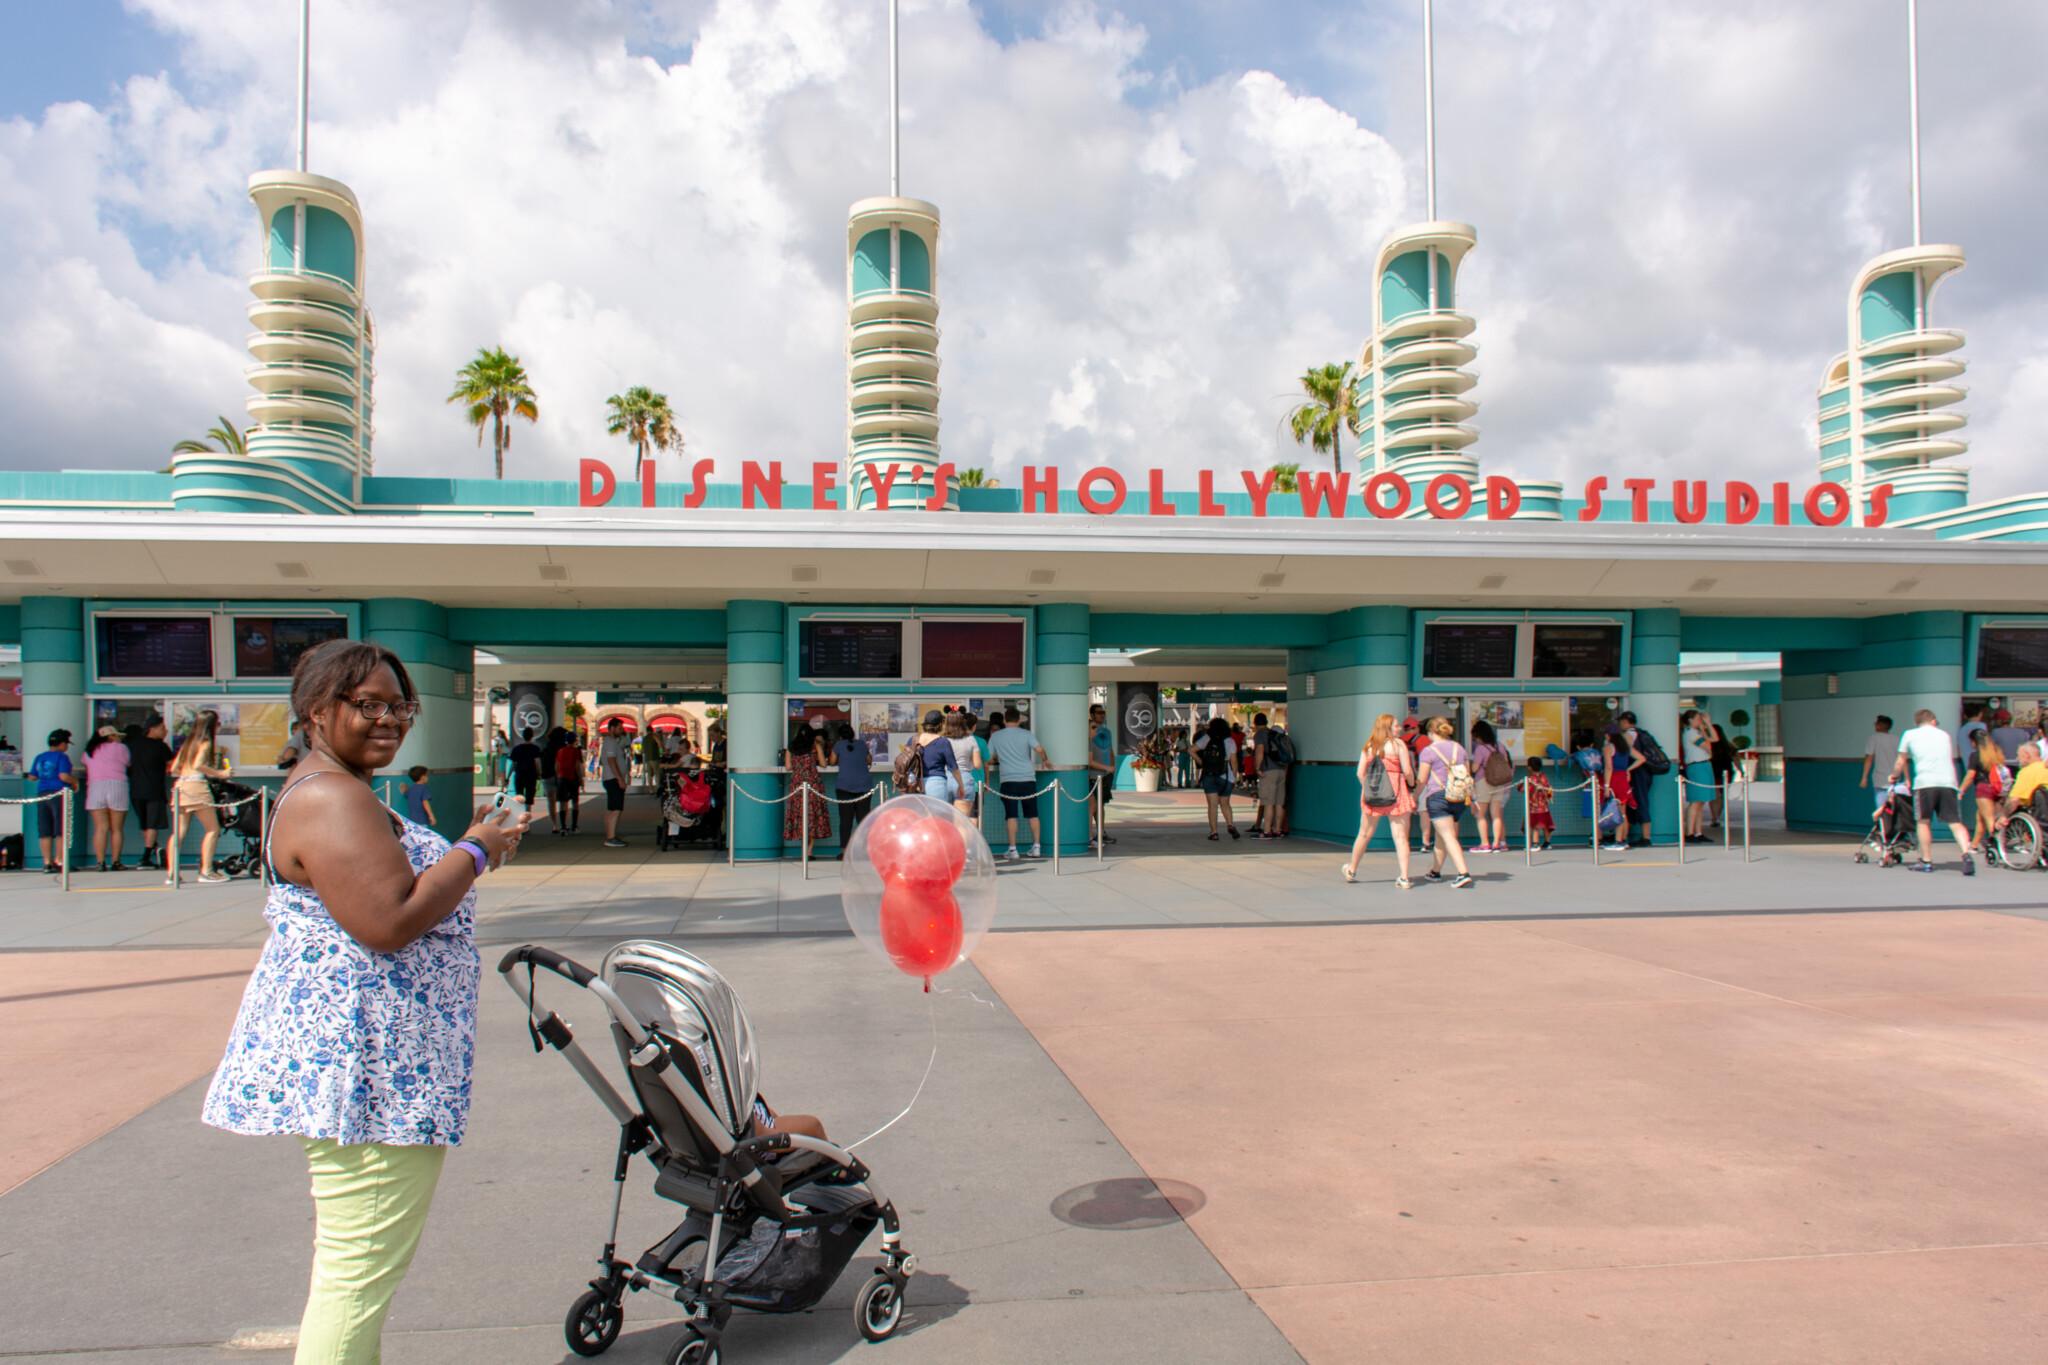 2 semaines en Floride avec un bébé de 1 an - Séjour du 2 au 16 mai 2019 DCL + WDW - Page 16 DSC_8262-2048x1365